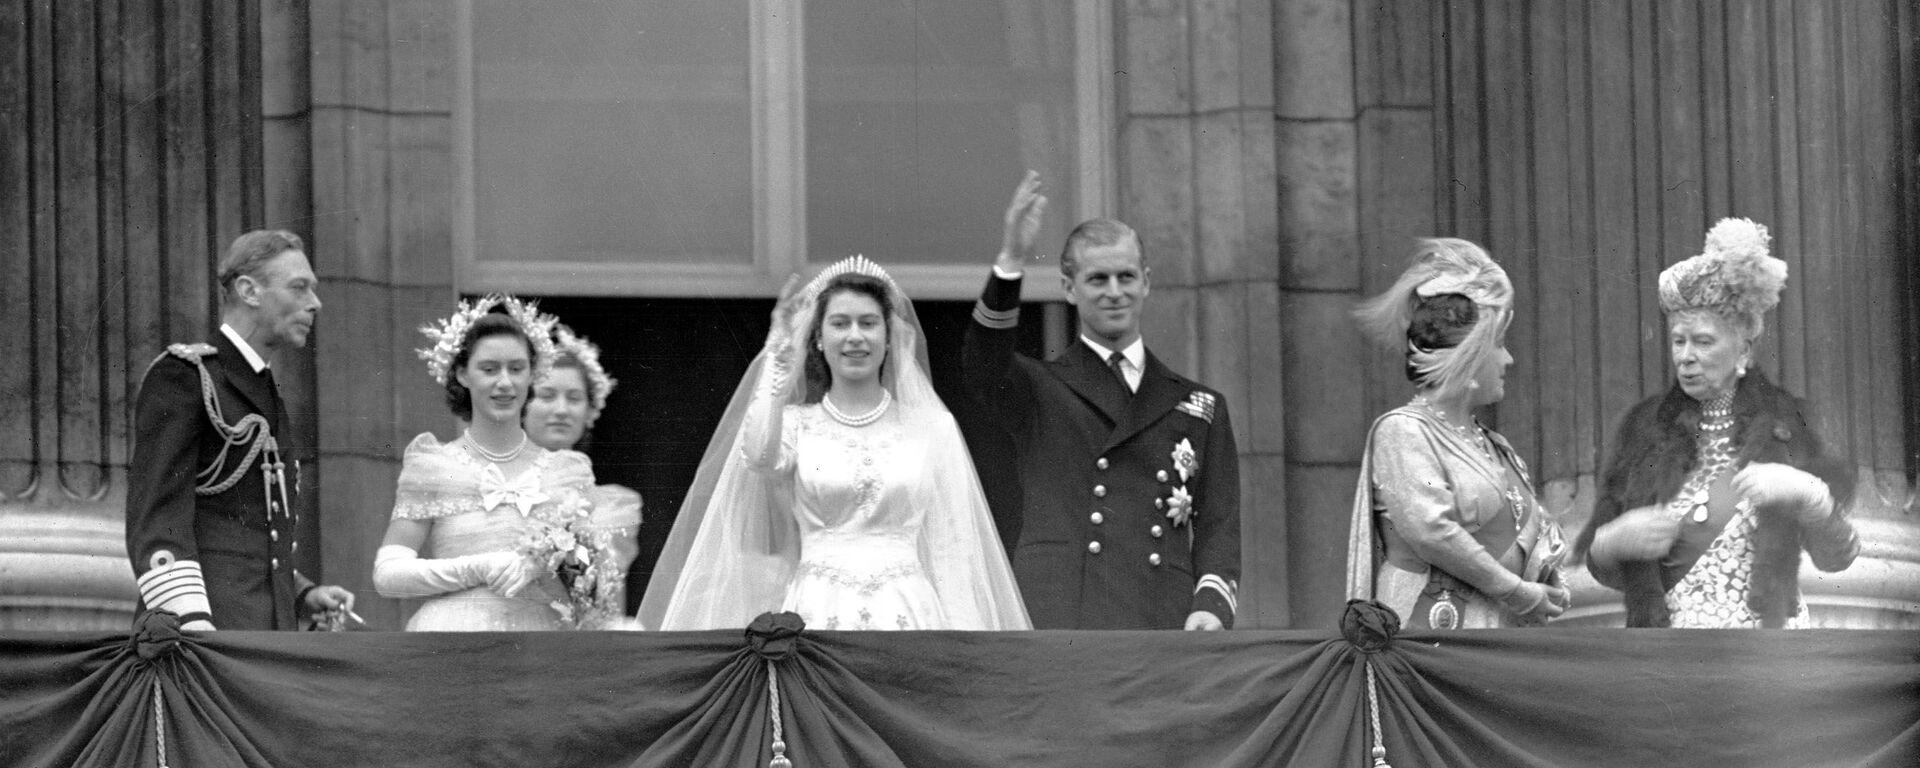 La reina Isabel II y el príncipe Felipe de Edimburgo durante el día de su boda - Sputnik Mundo, 1920, 25.01.2021